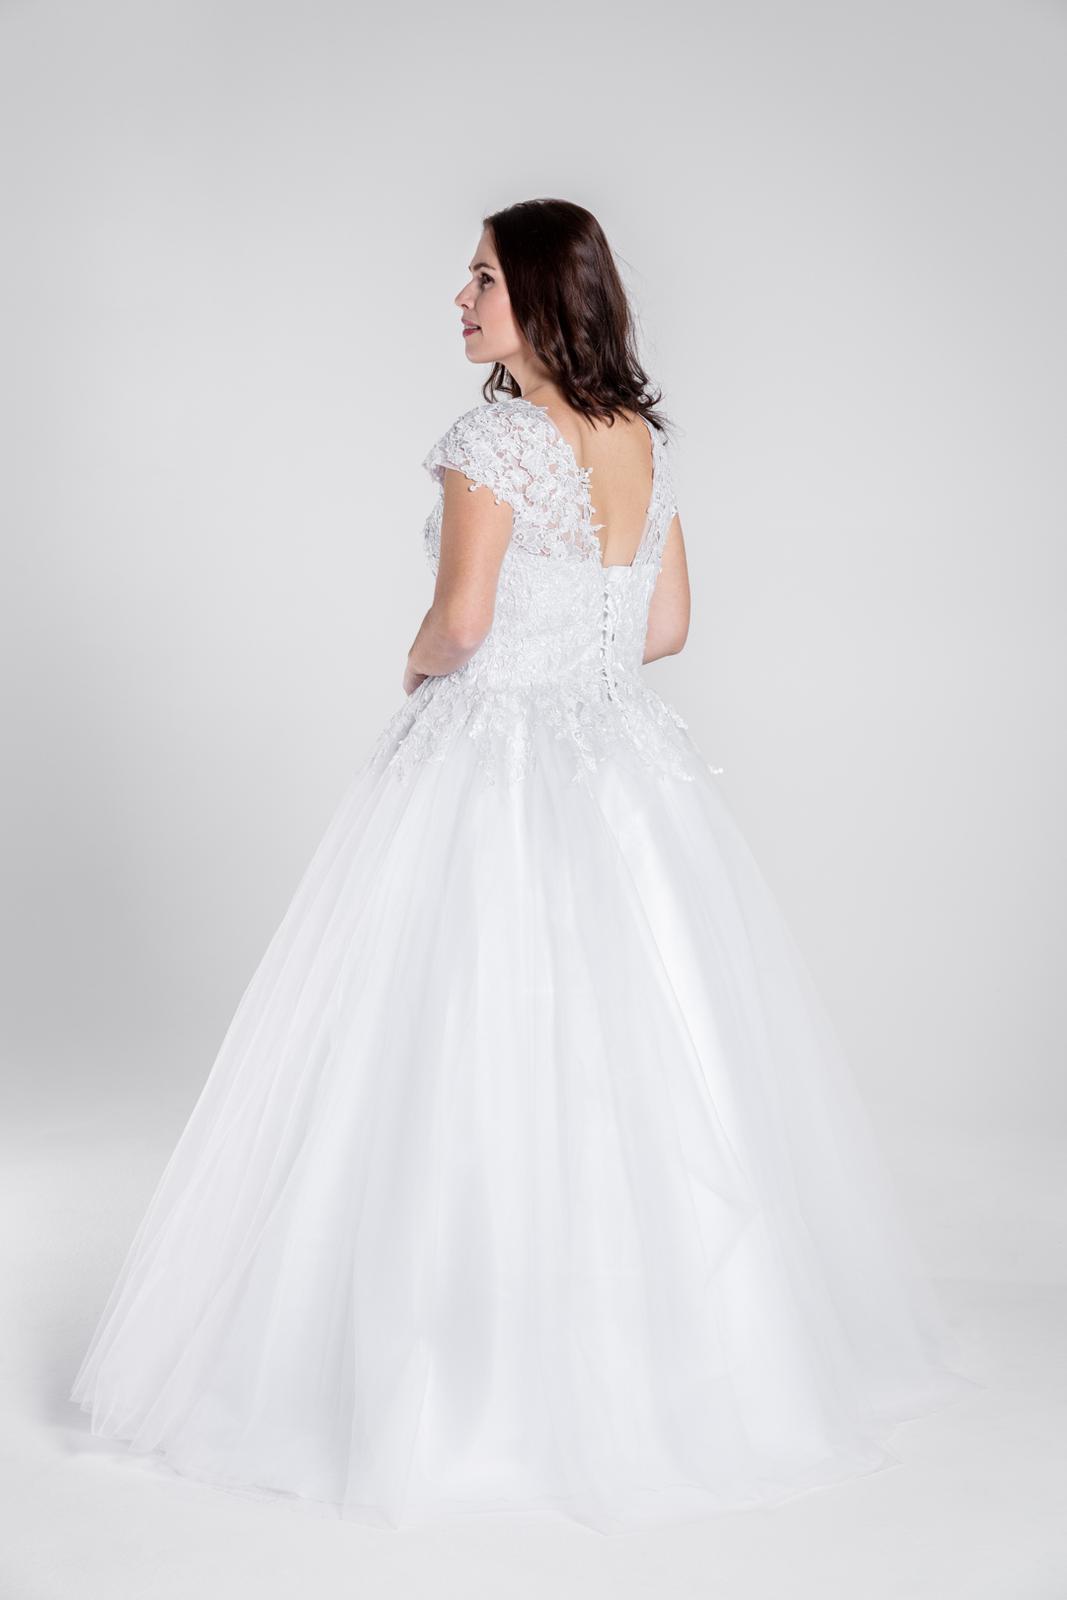 Svatební šaty, vel 40-46 - Obrázek č. 3